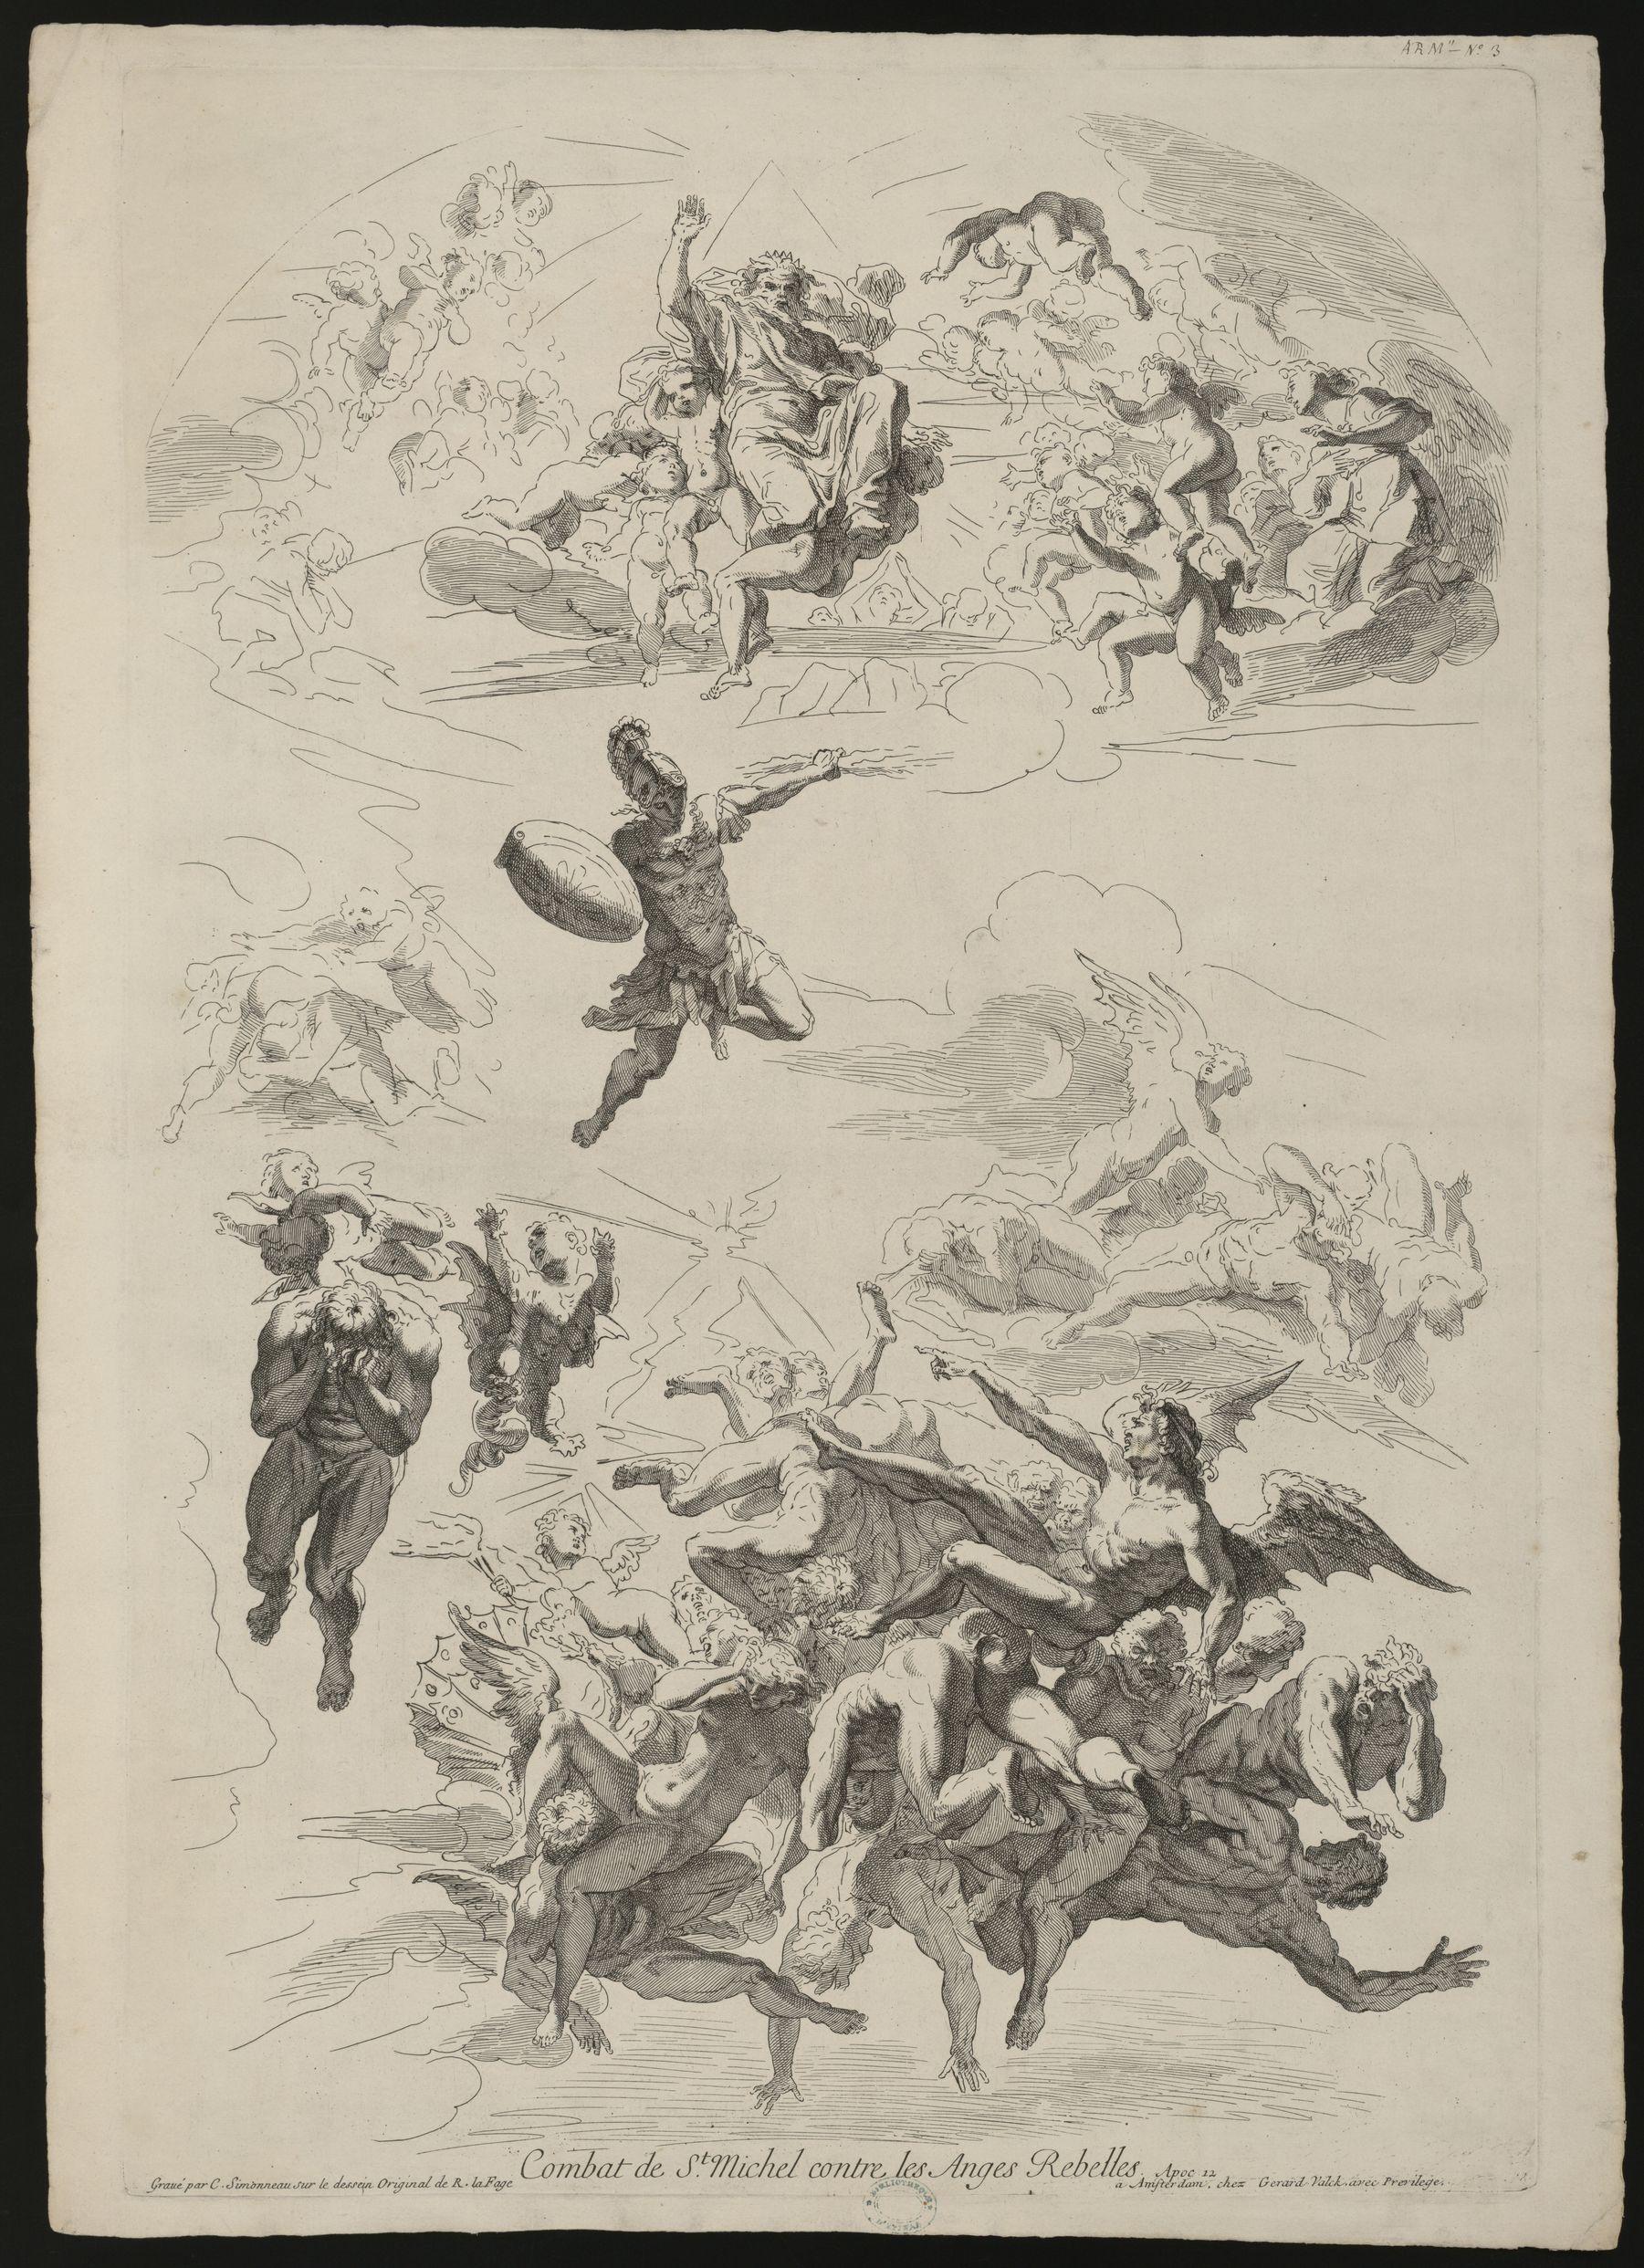 Contenu du Combat de Saint-Michel contre les anges rebelles